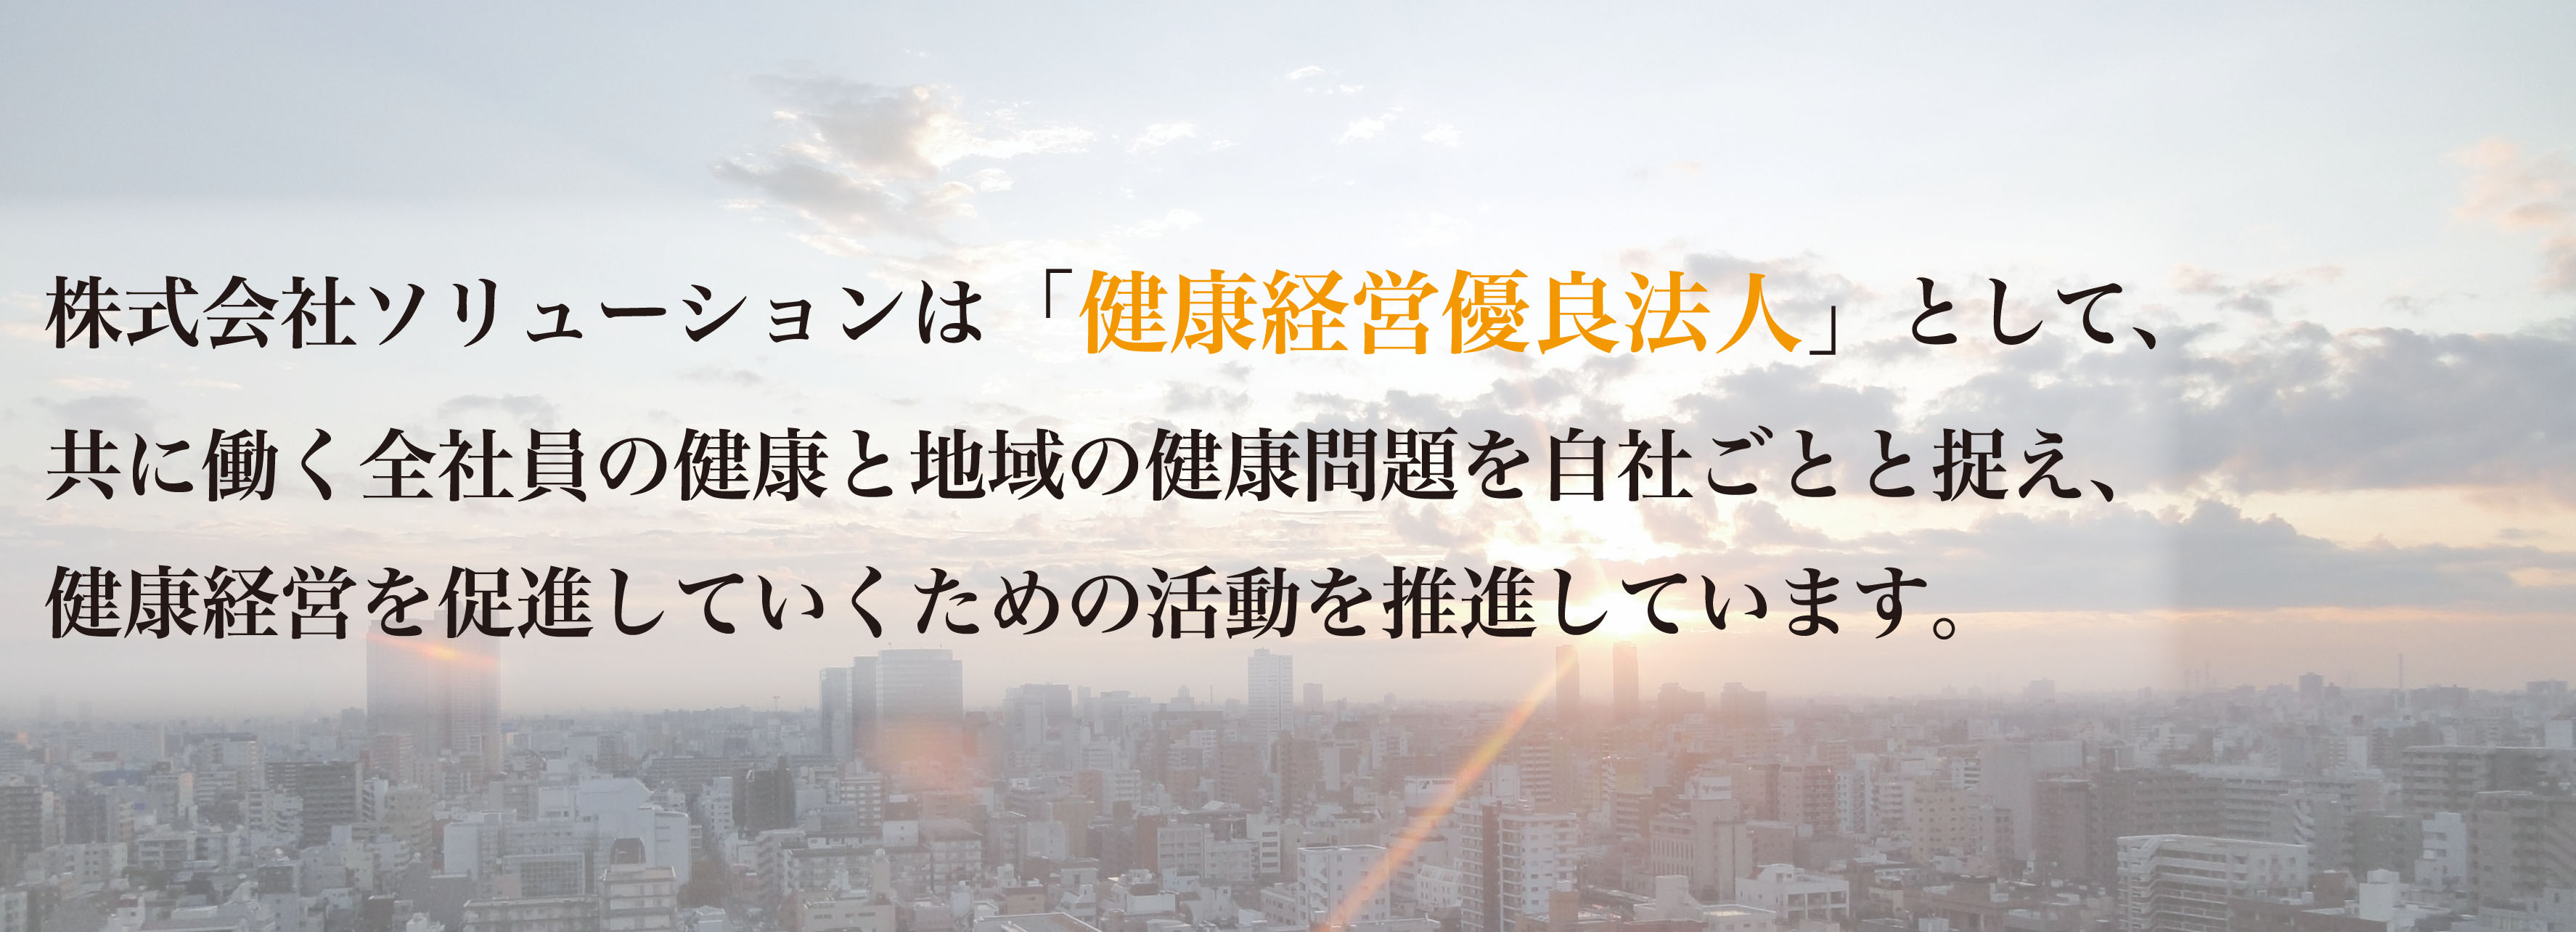 Œ'N—D—Ç–@l@TOP